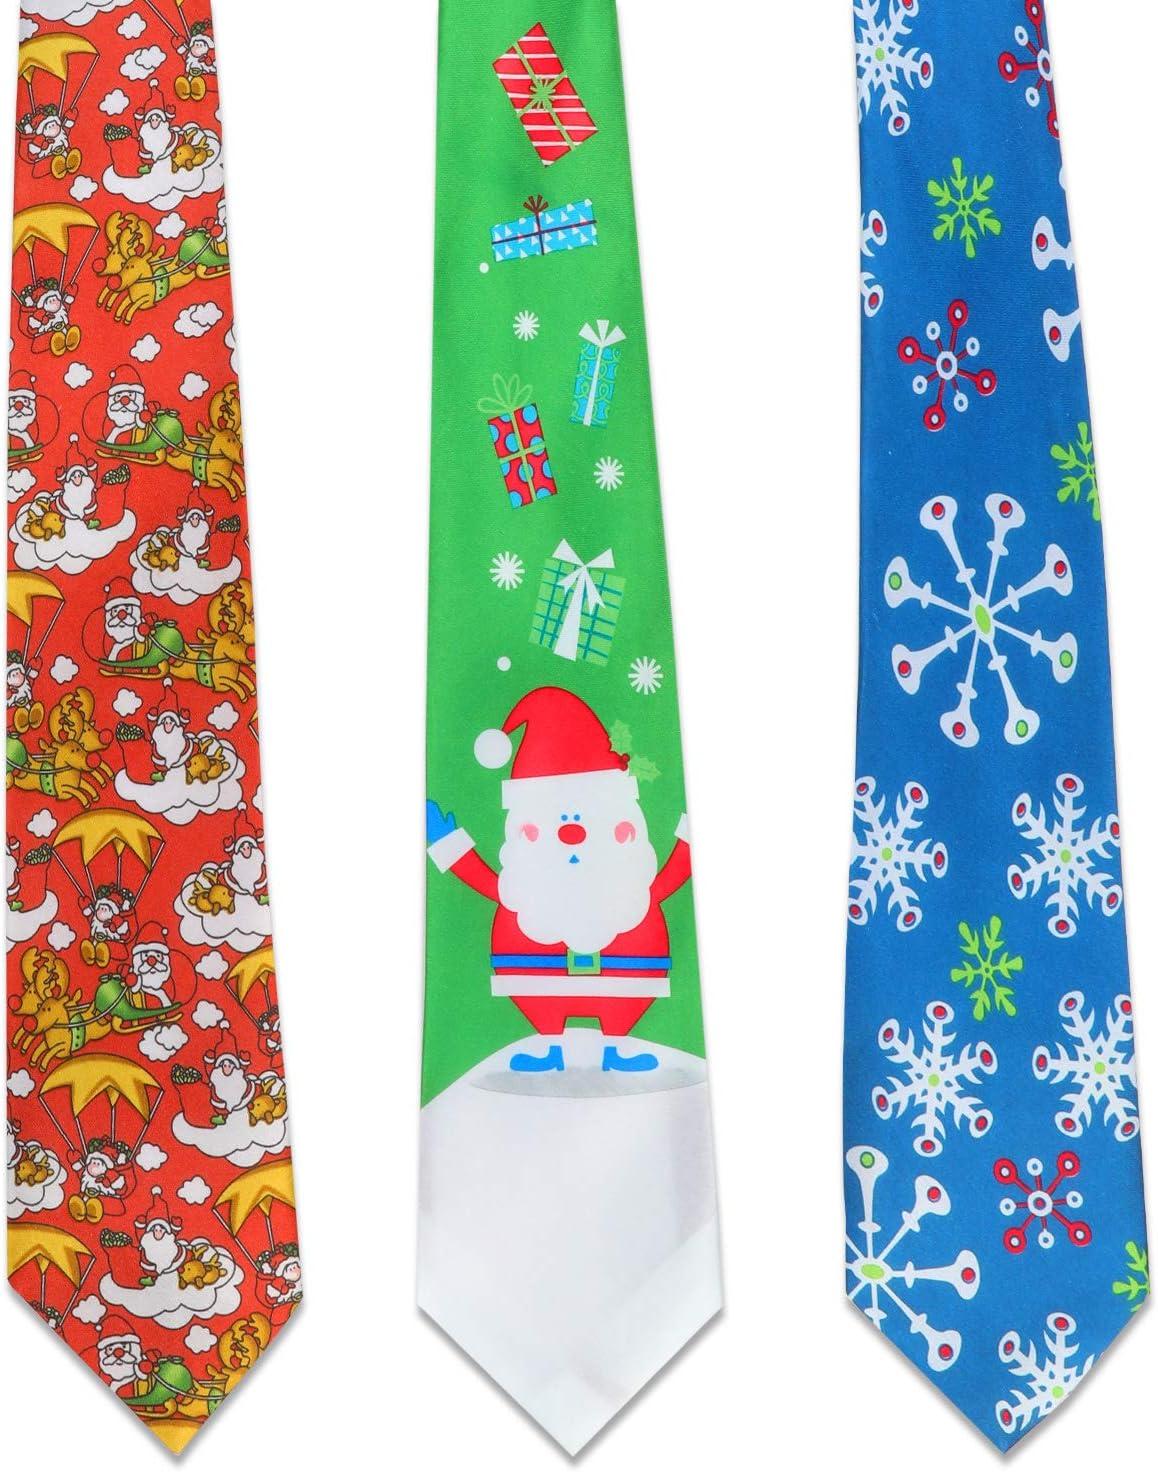 Cravates De Nouveaut/é Cravate Flocon De Neige P/ère No/ël Cravate pour No/ël Hommes Cadeau HOWAF 3pcs Cravate De No/ël pour Hommes Adultes Une Taille